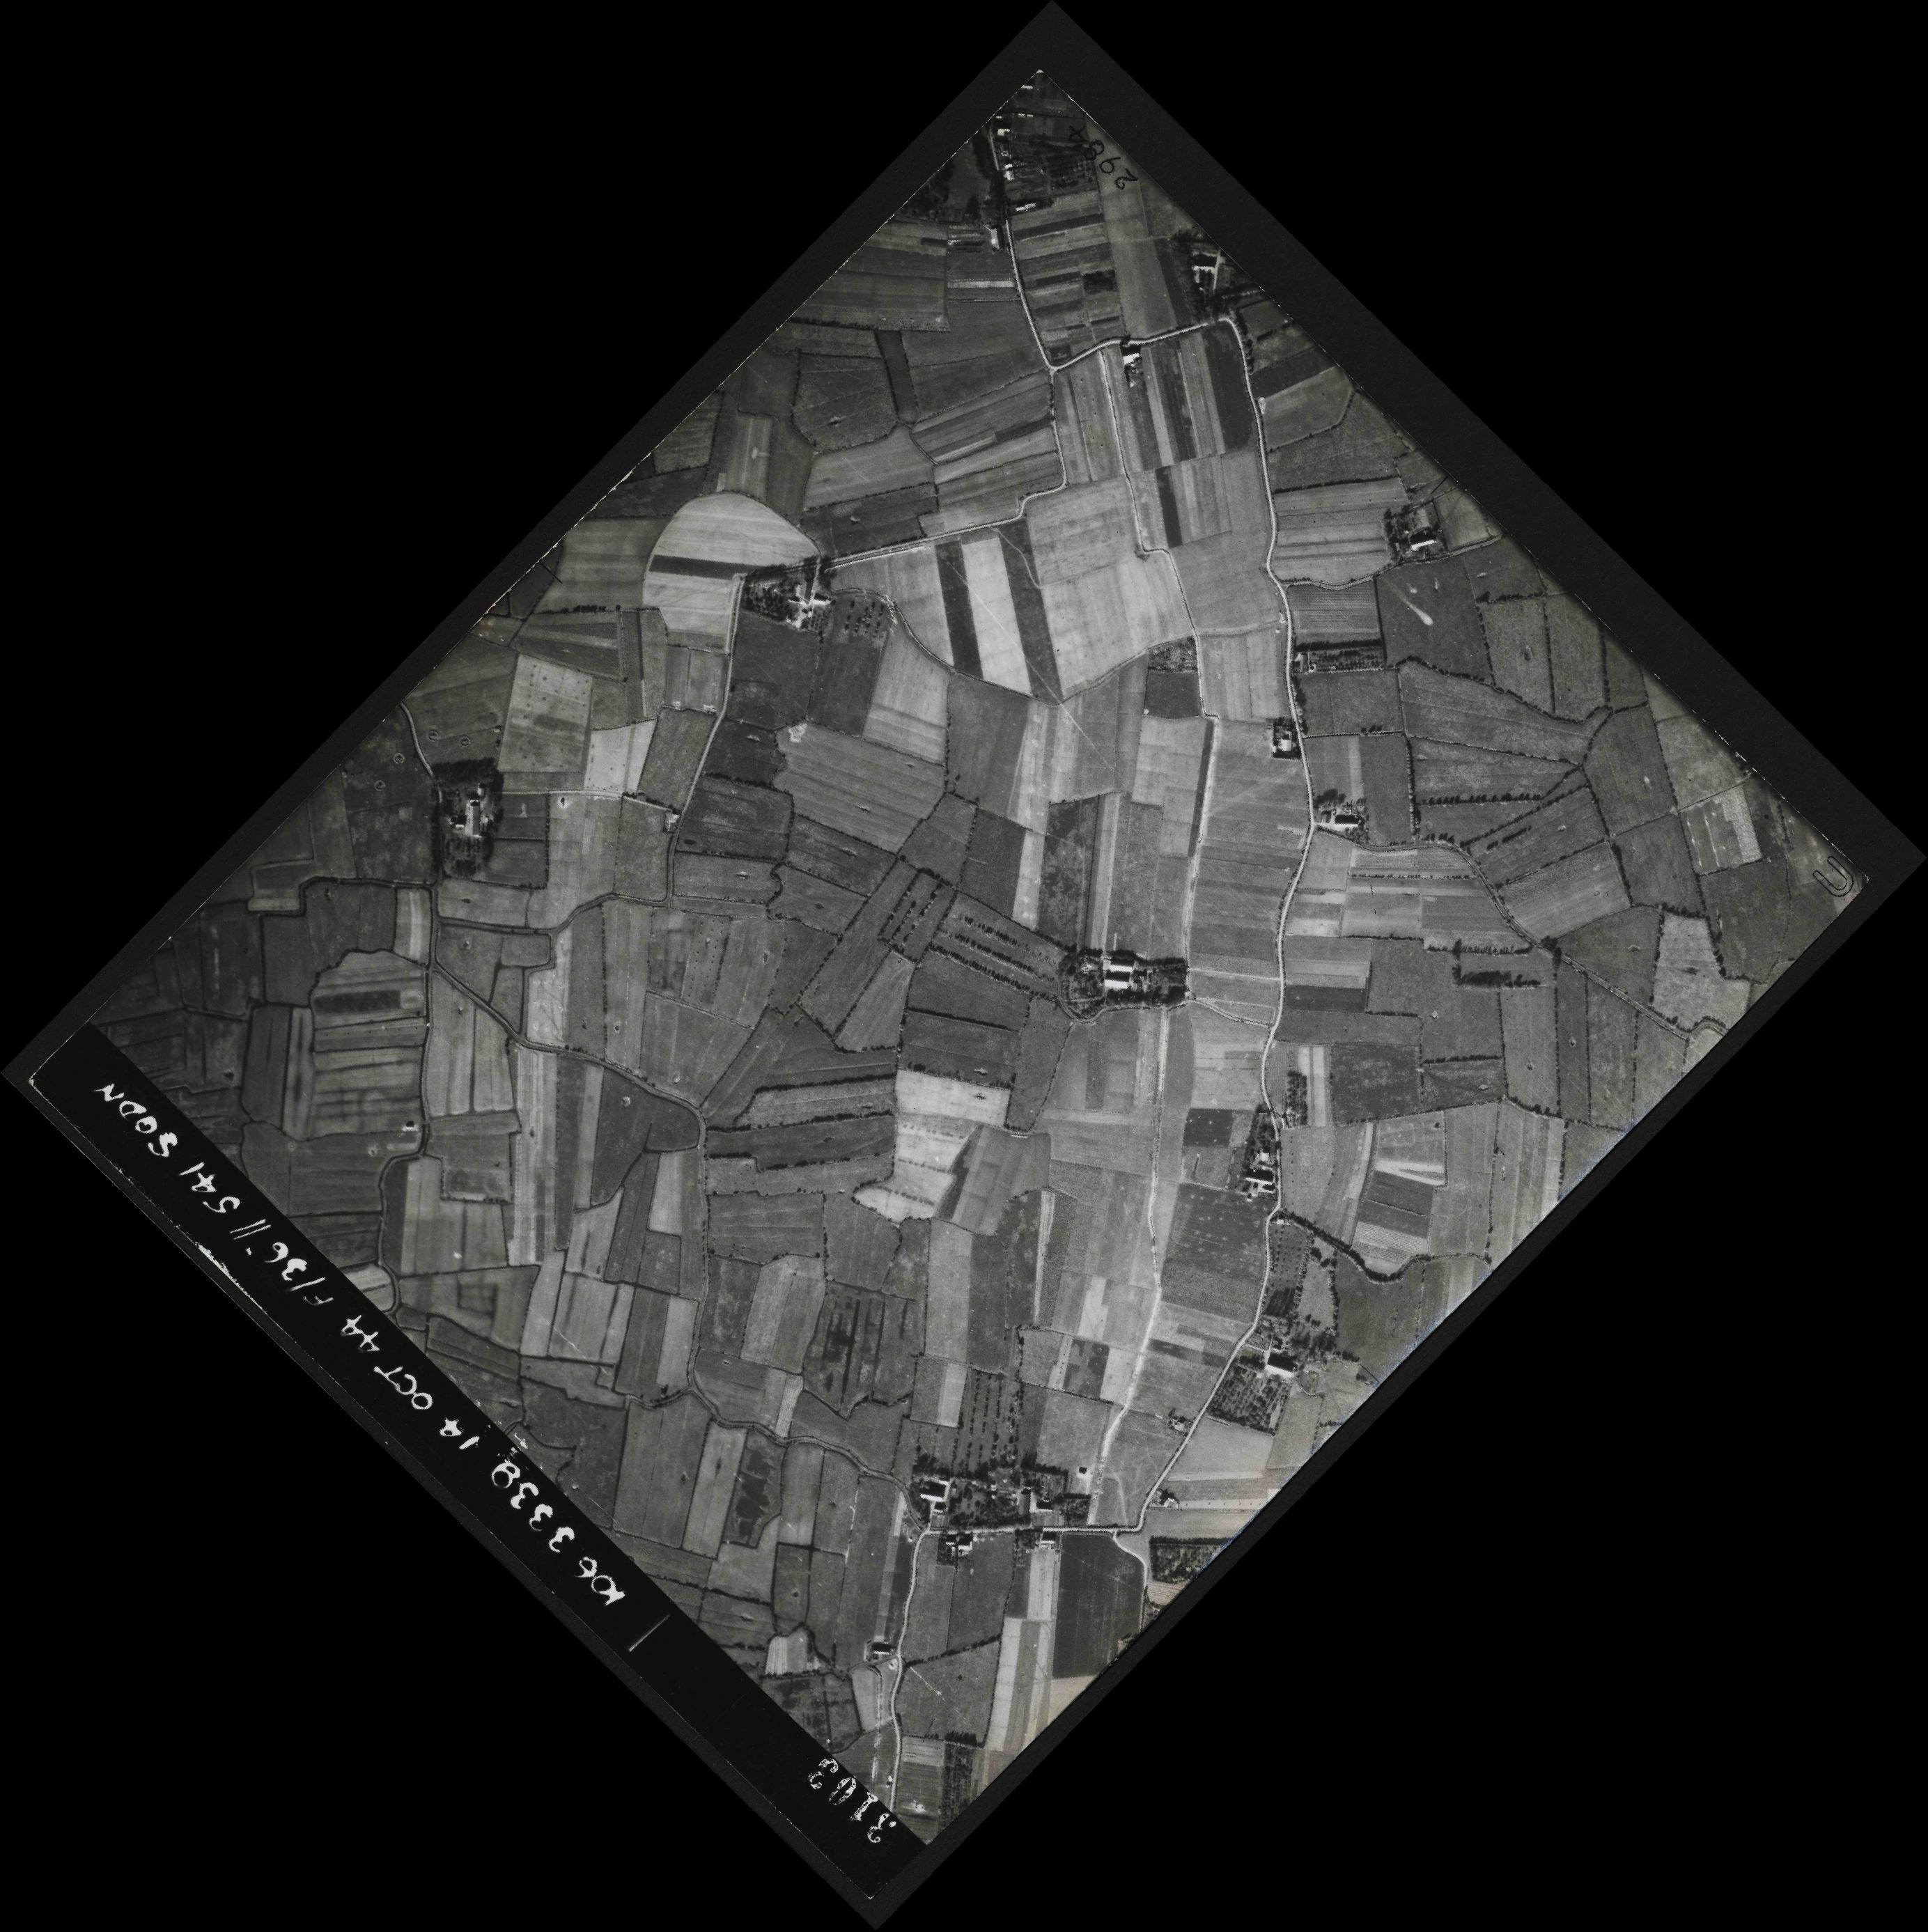 Collection RAF aerial photos 1940-1945 - flight 042, run 05, photo 3103